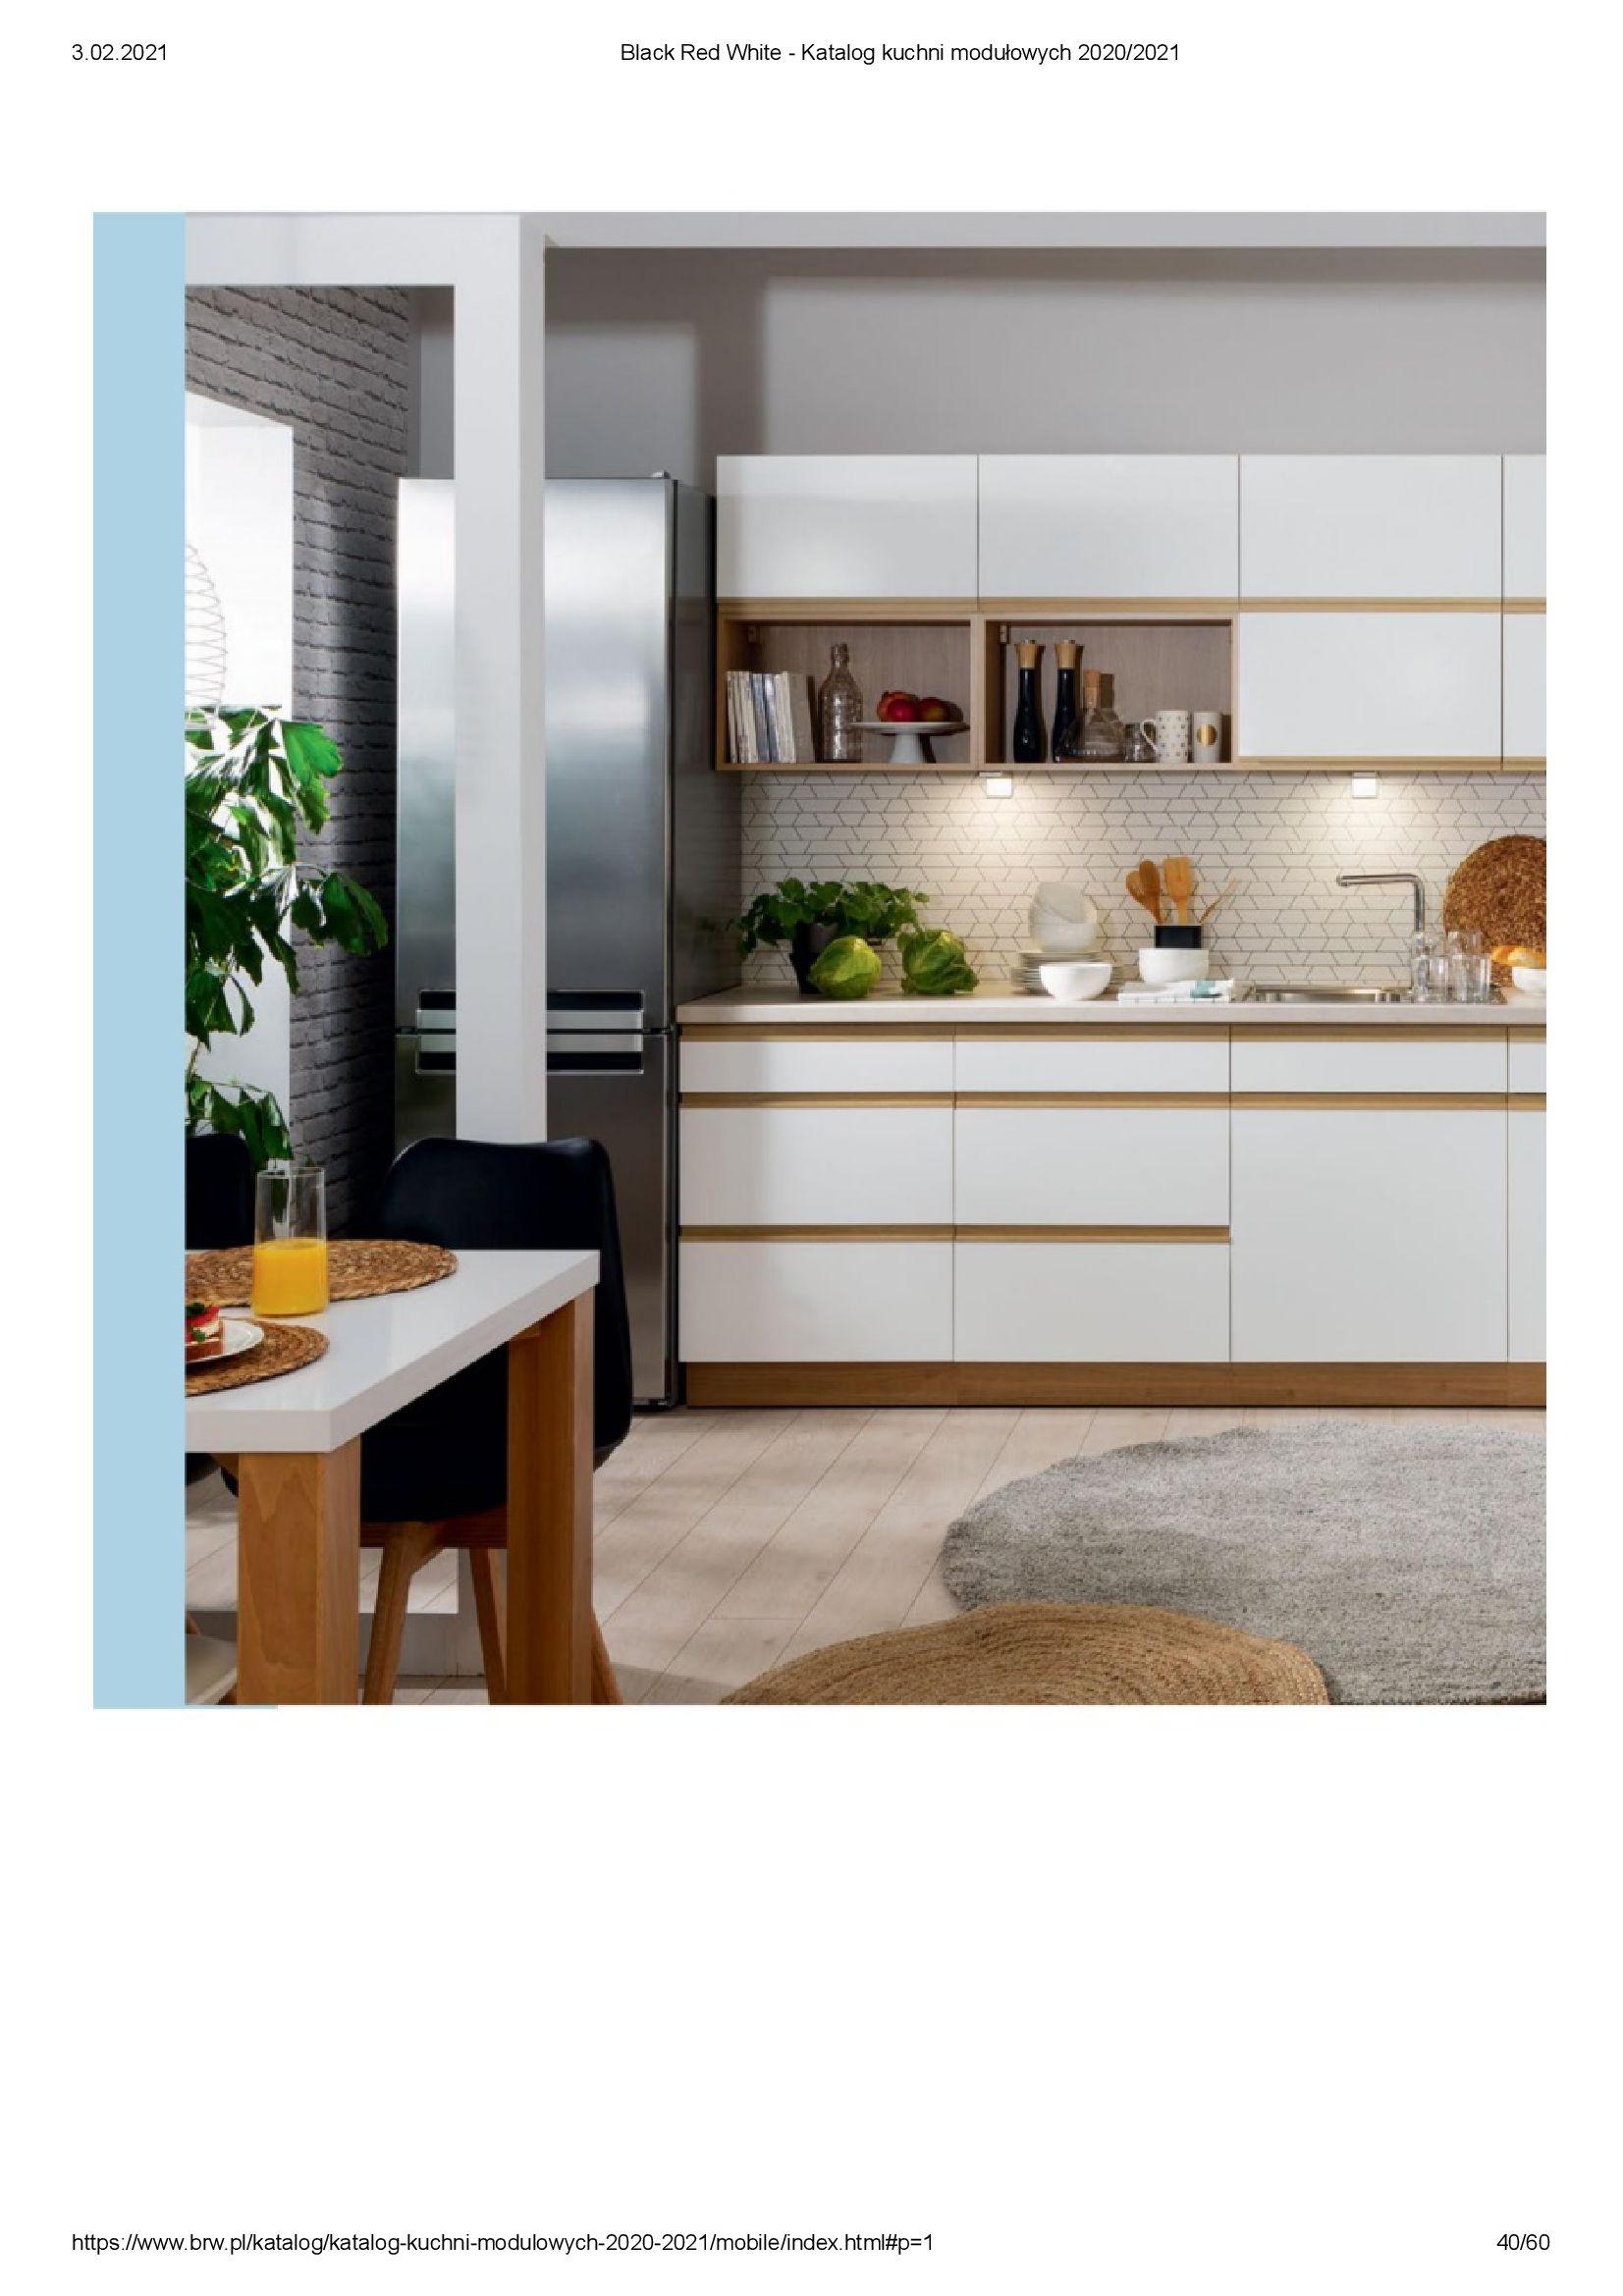 Gazetka Black Red White: Katalog - Kuchnie modułowe 2020/2021 2021-01-01 page-40